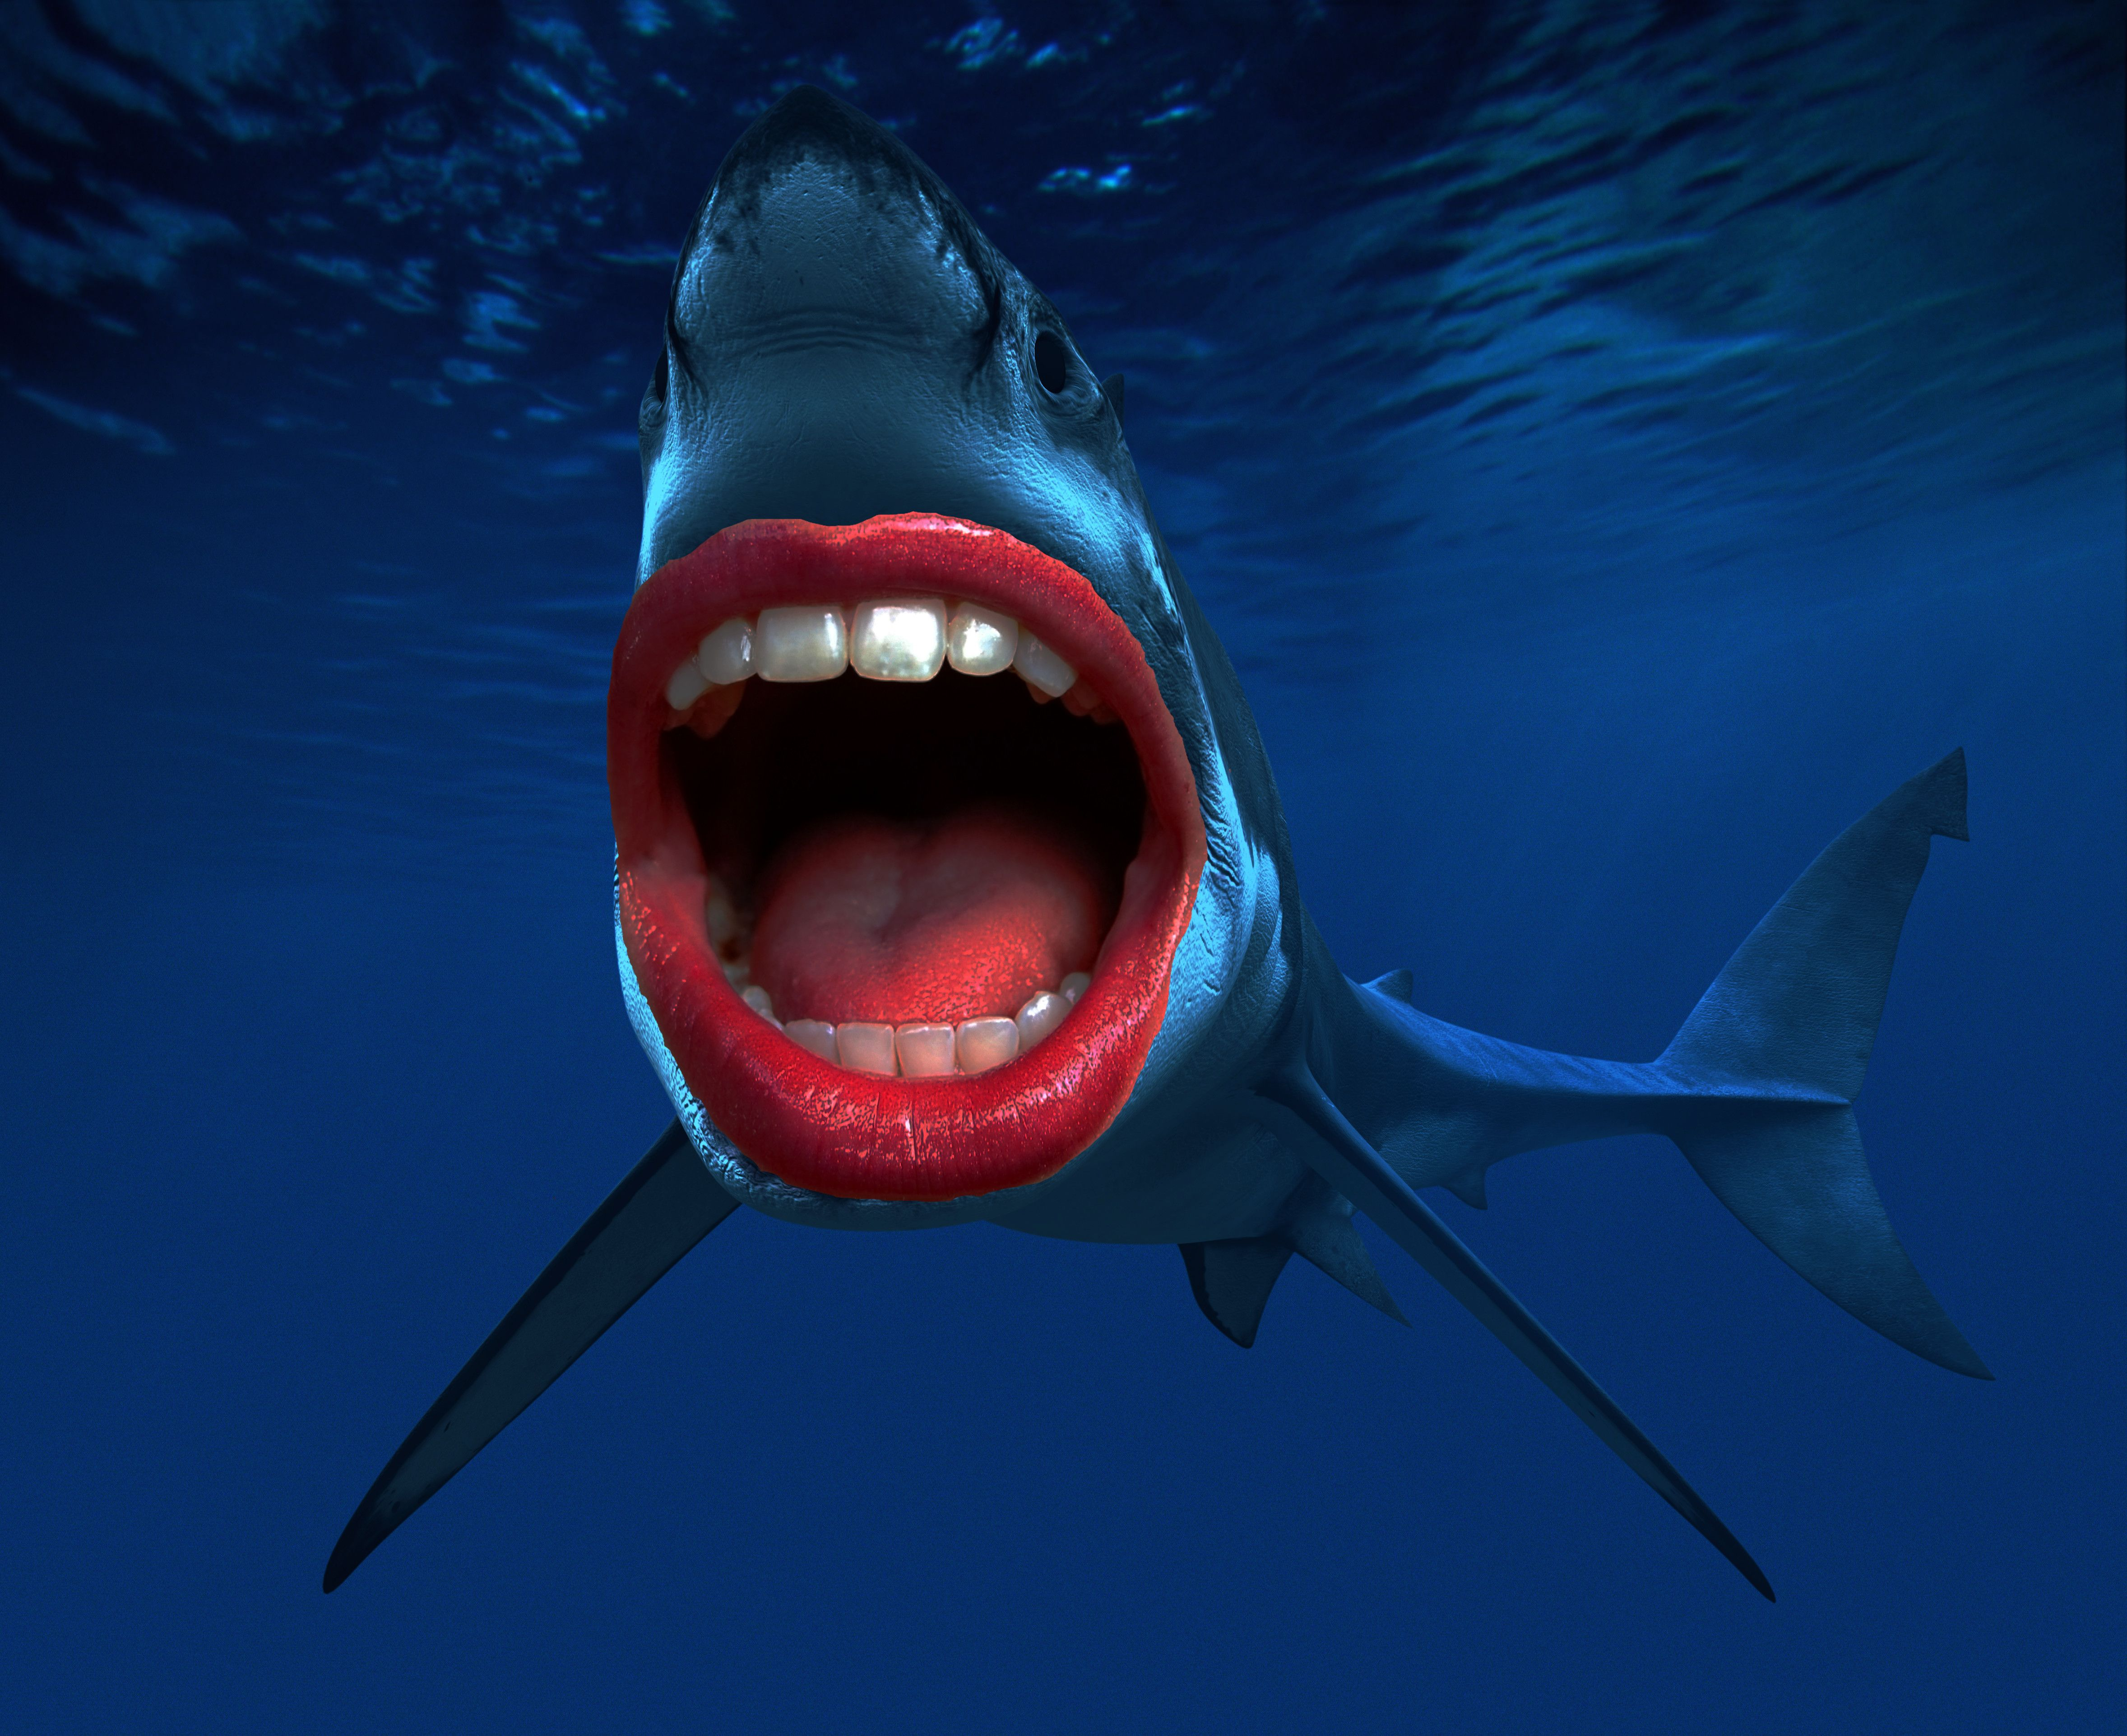 качества картинки рыба с открытым ртом камень